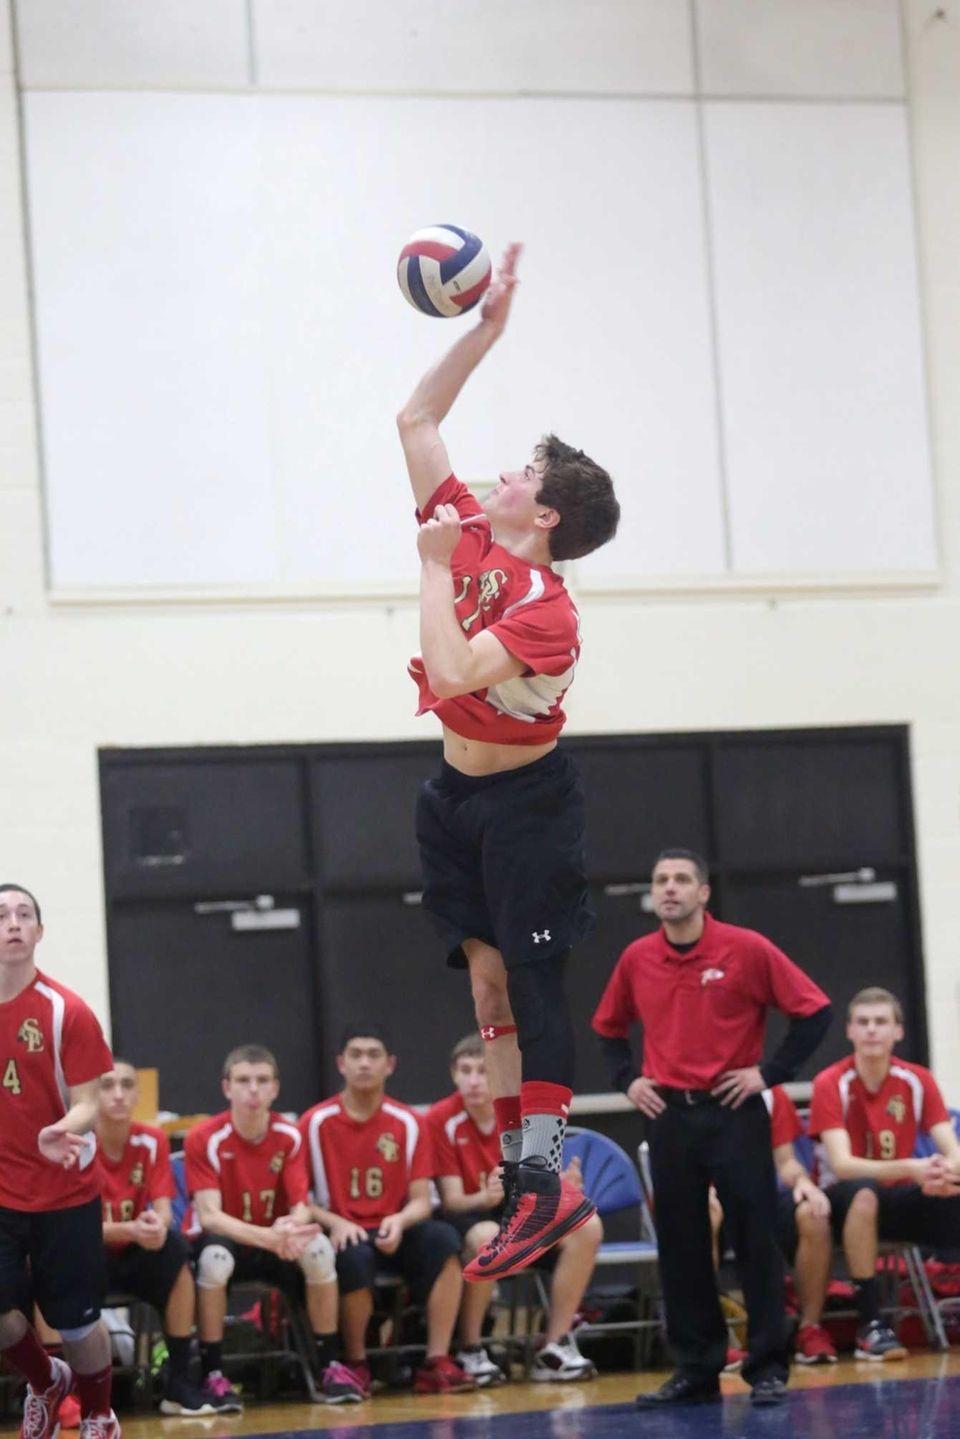 Sachem East's Steve Rodriguez strikes the ball against